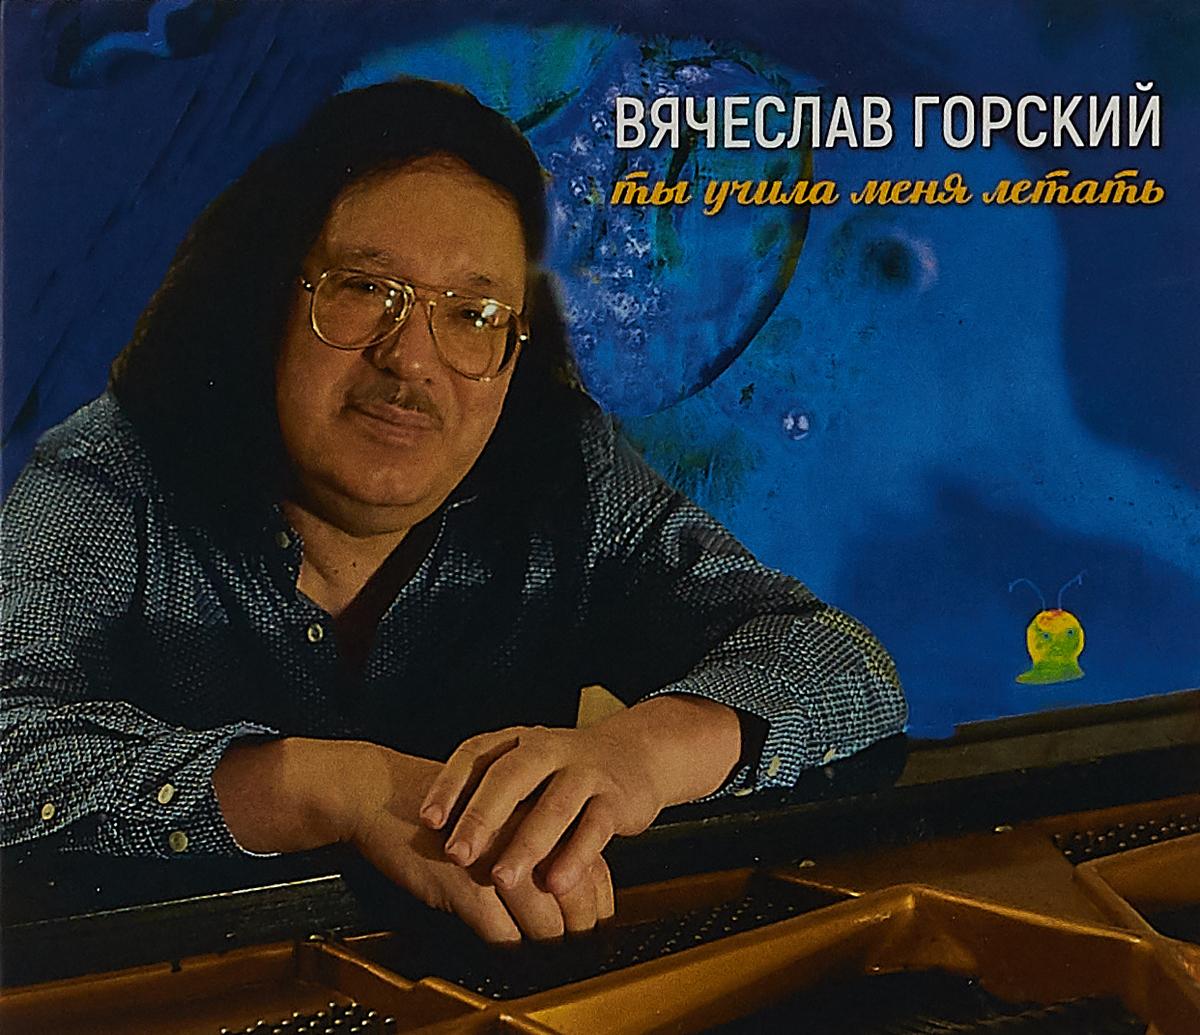 Вячеслав Горский Вячеслав Горский. Ты учила меня летать цена 2017